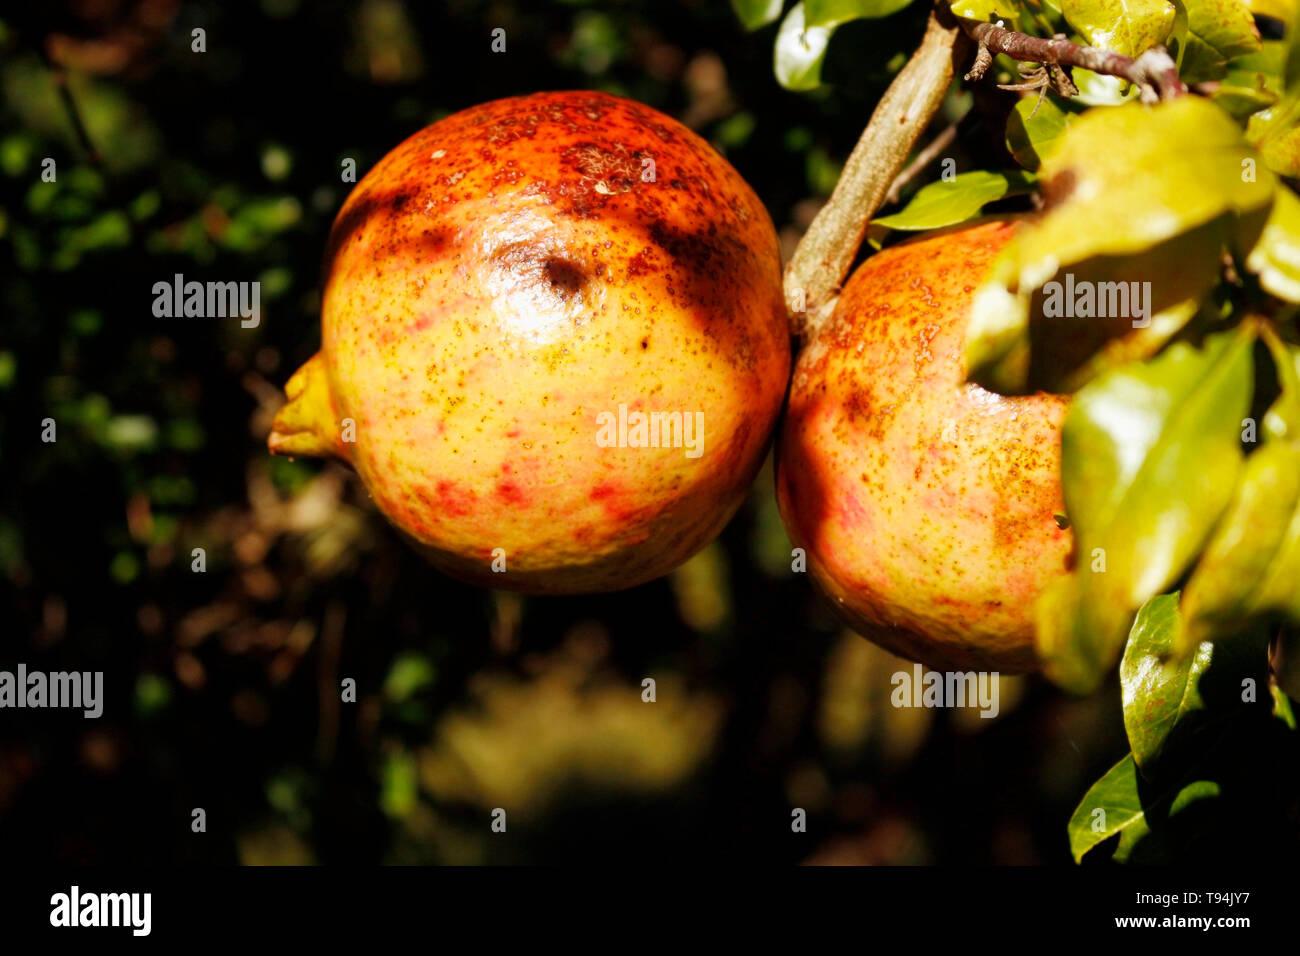 Deux fruits de la Grenade, toujours sur le pied. En plus d'être beaux, ces fruits ont des caractéristiques très sain. Photo Stock